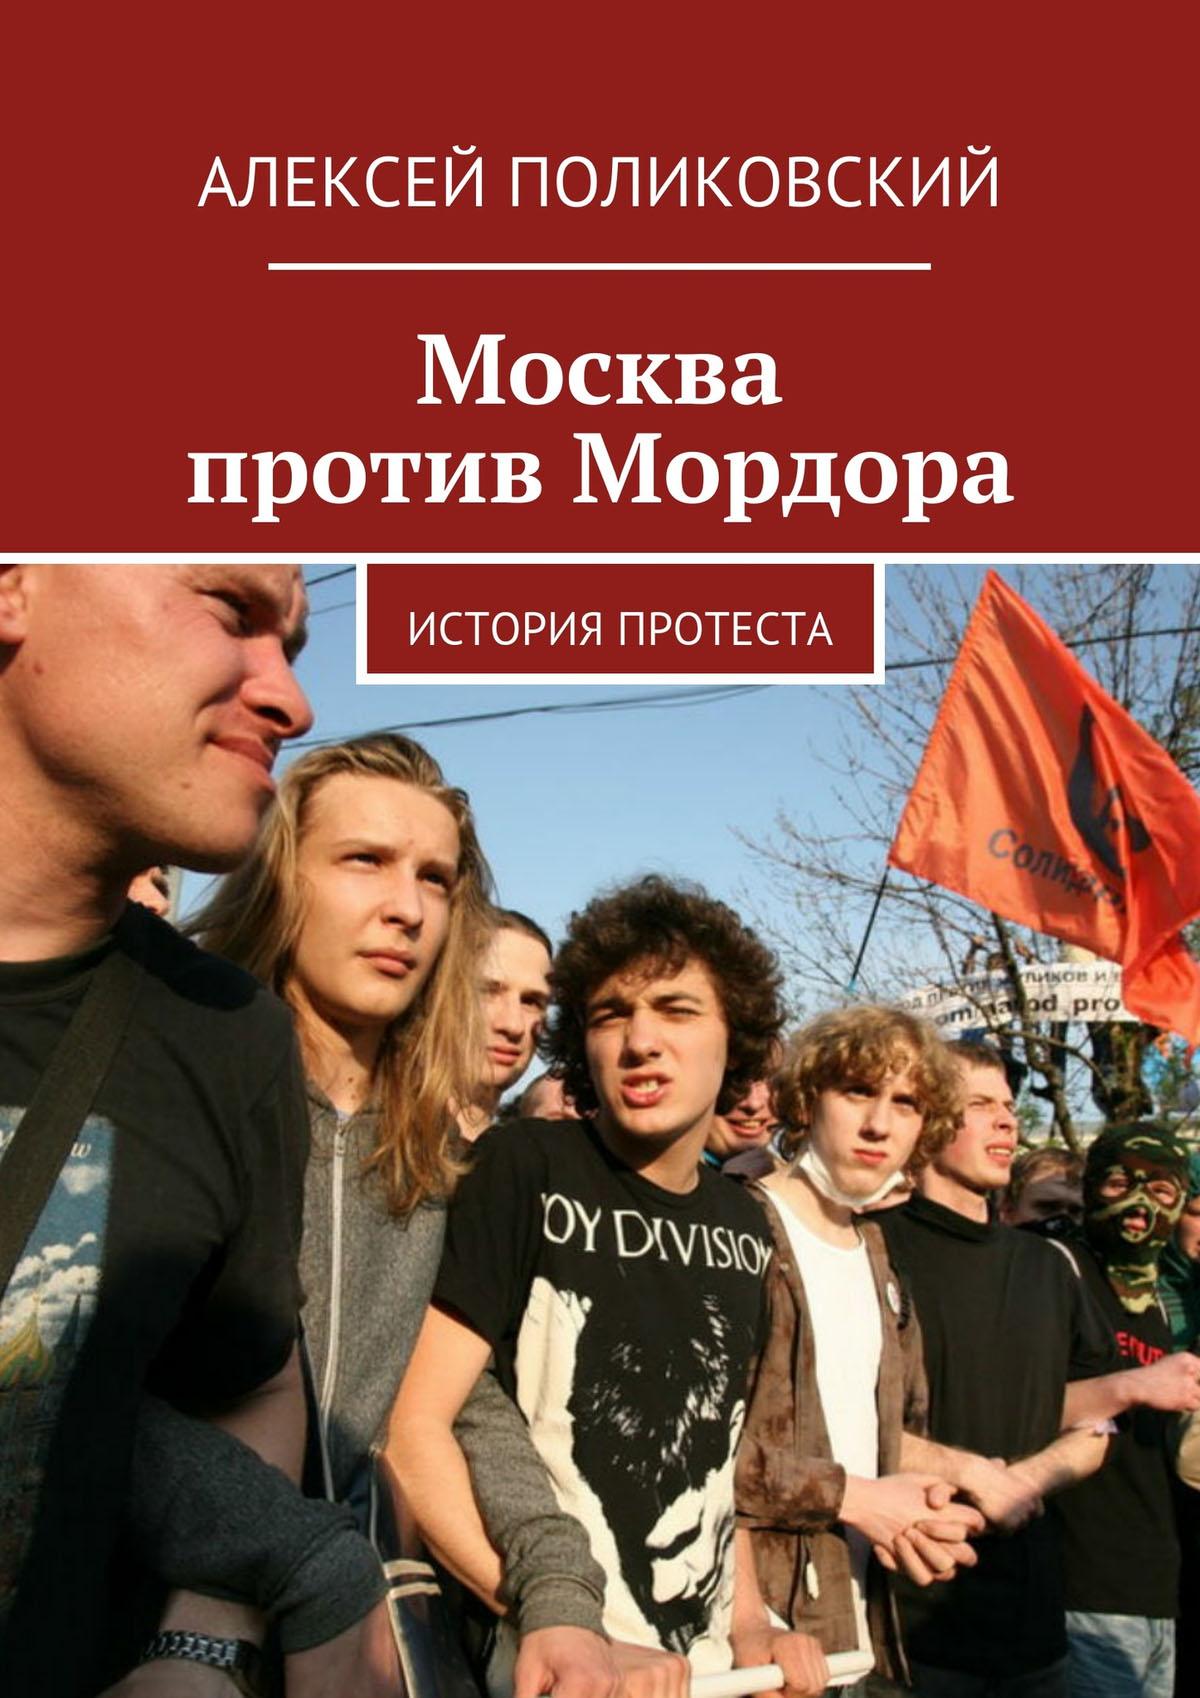 Алексей Поликовский Москва против Мордора